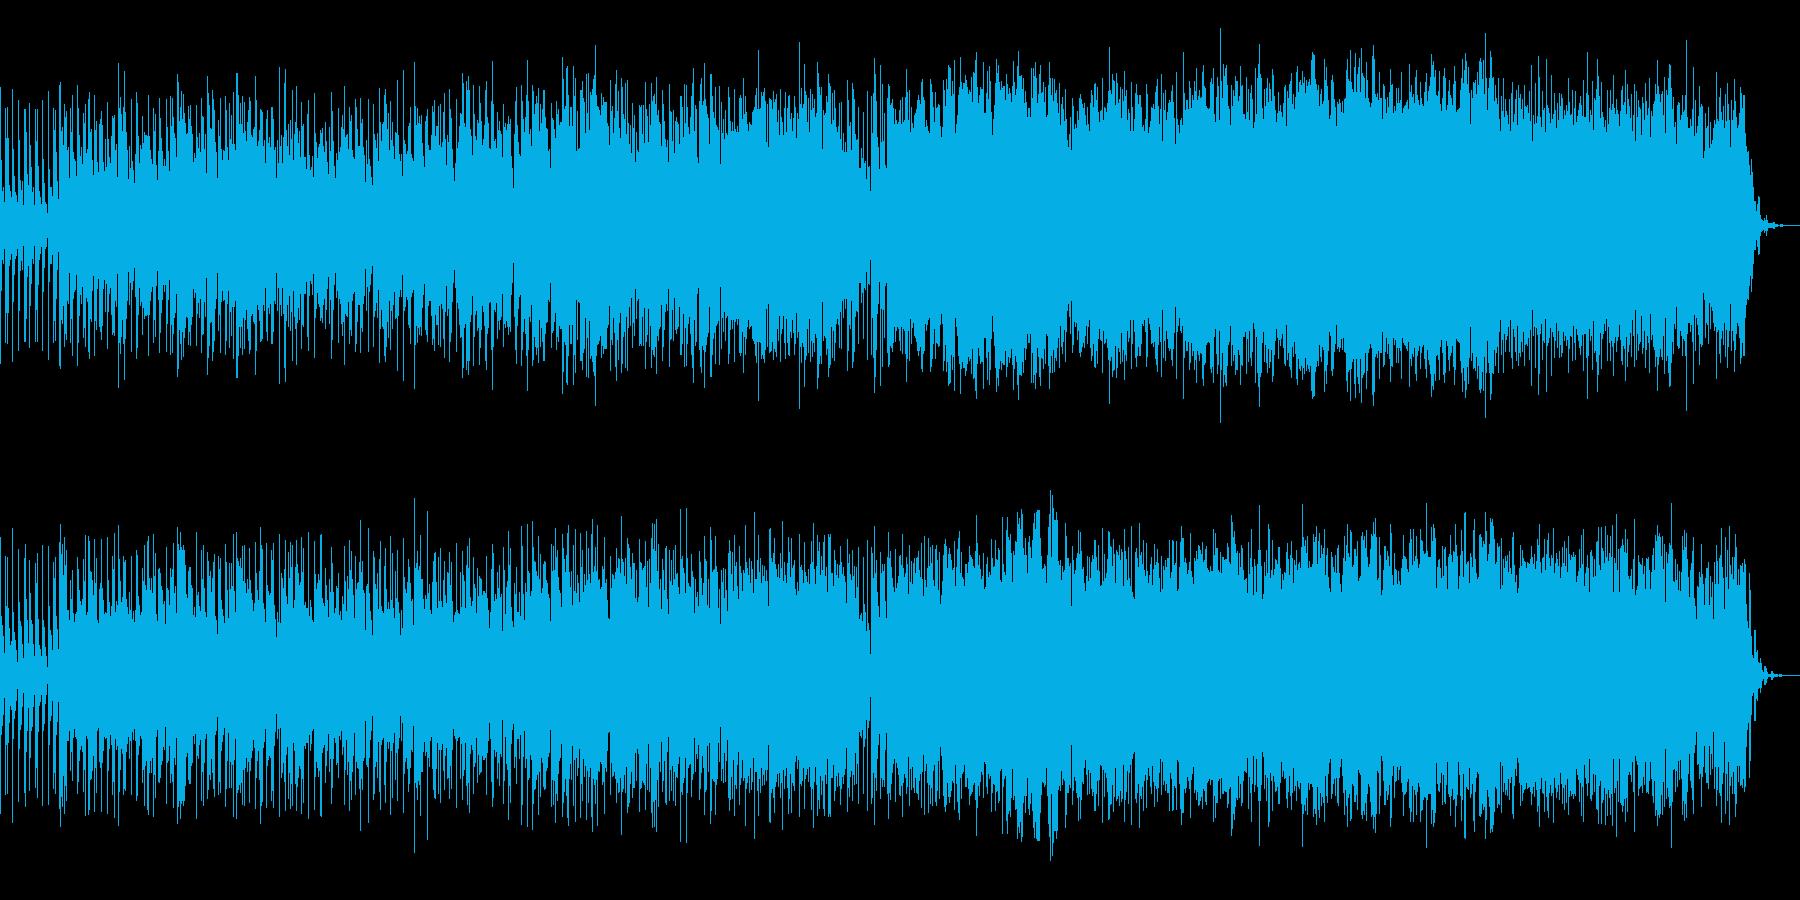 シリアスで儚い雰囲気のあるBGMの再生済みの波形